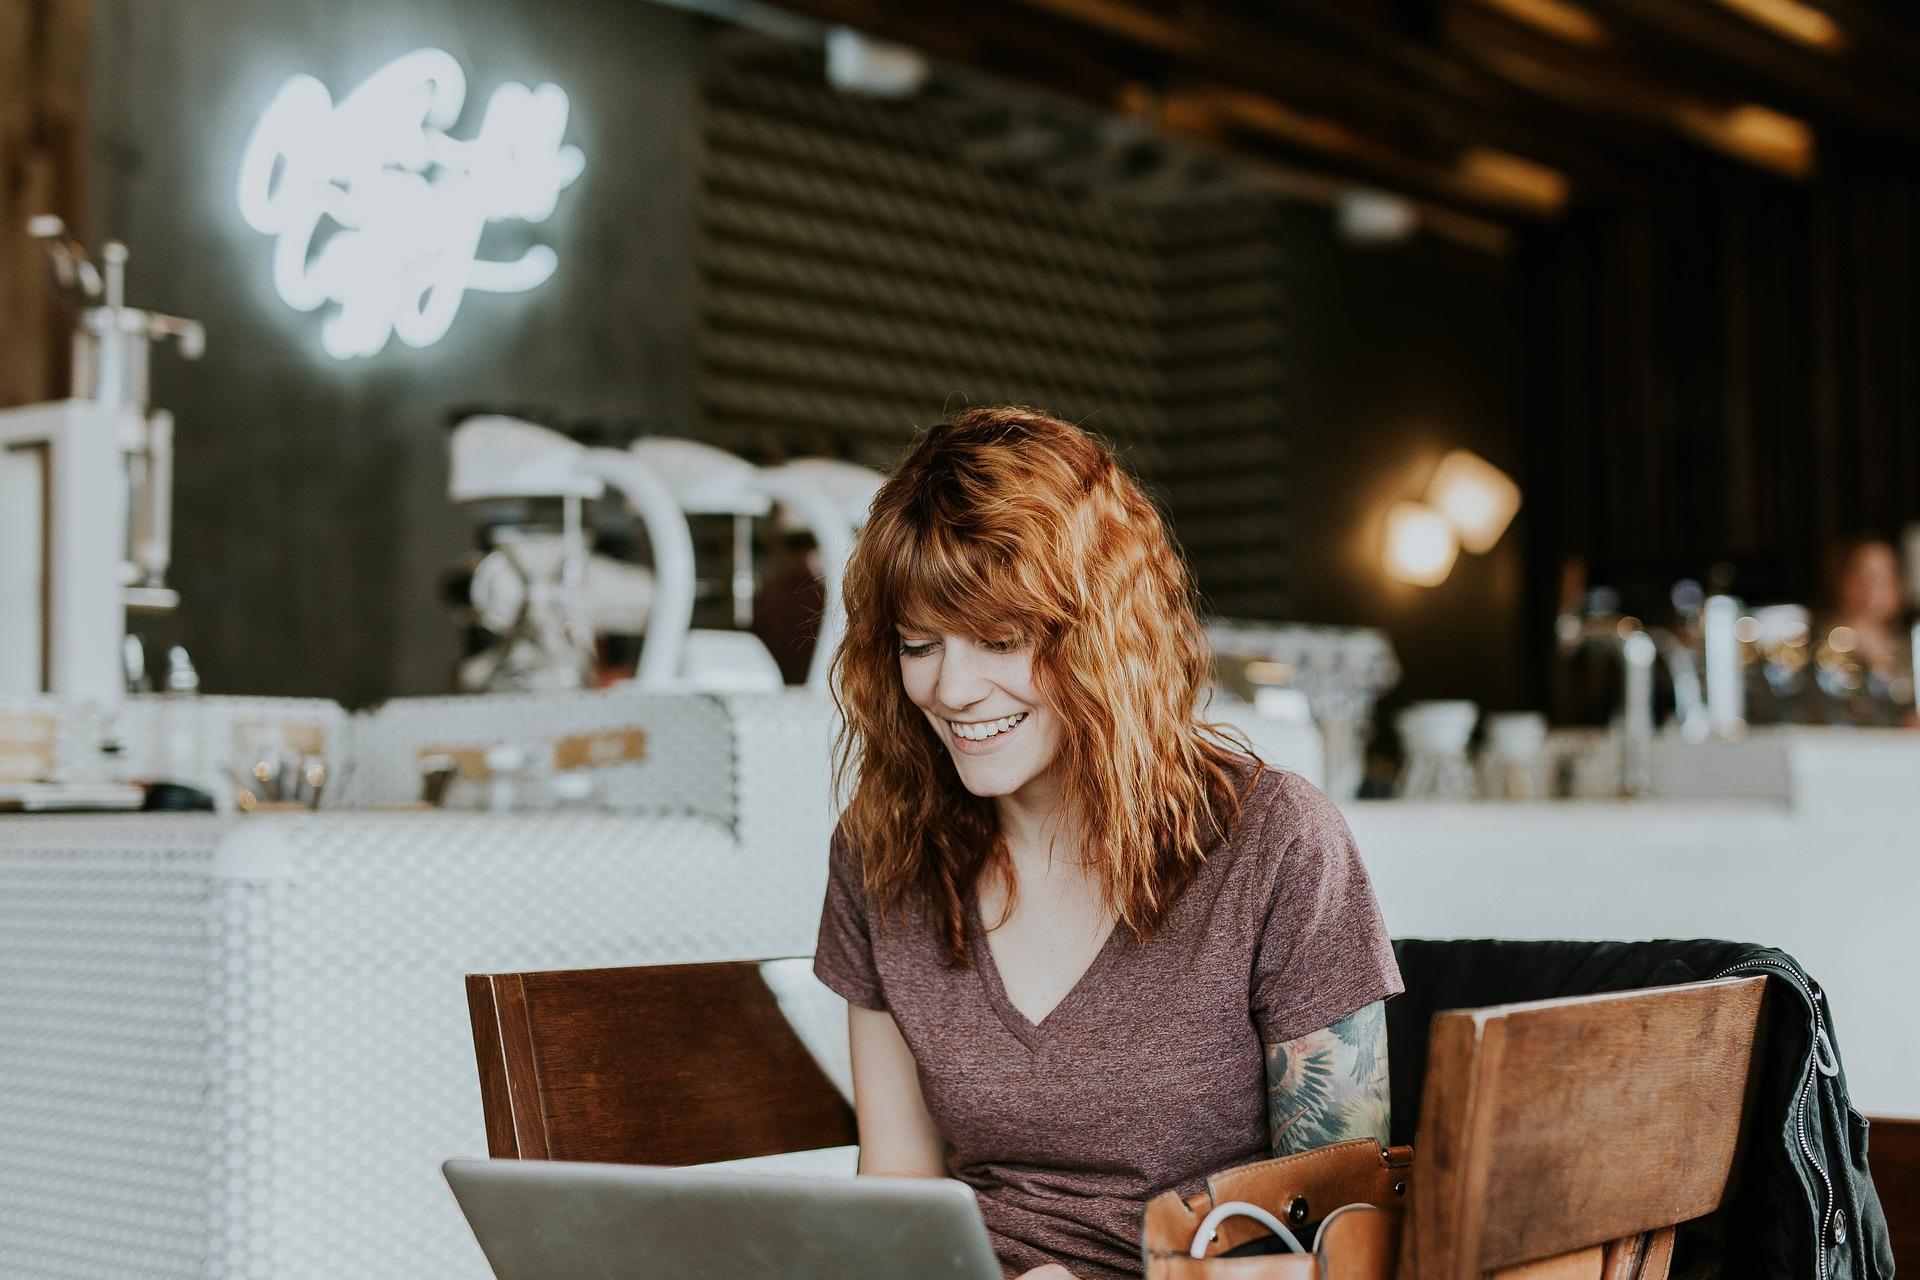 Waarom korte zinnen in online teksten beter scoren?